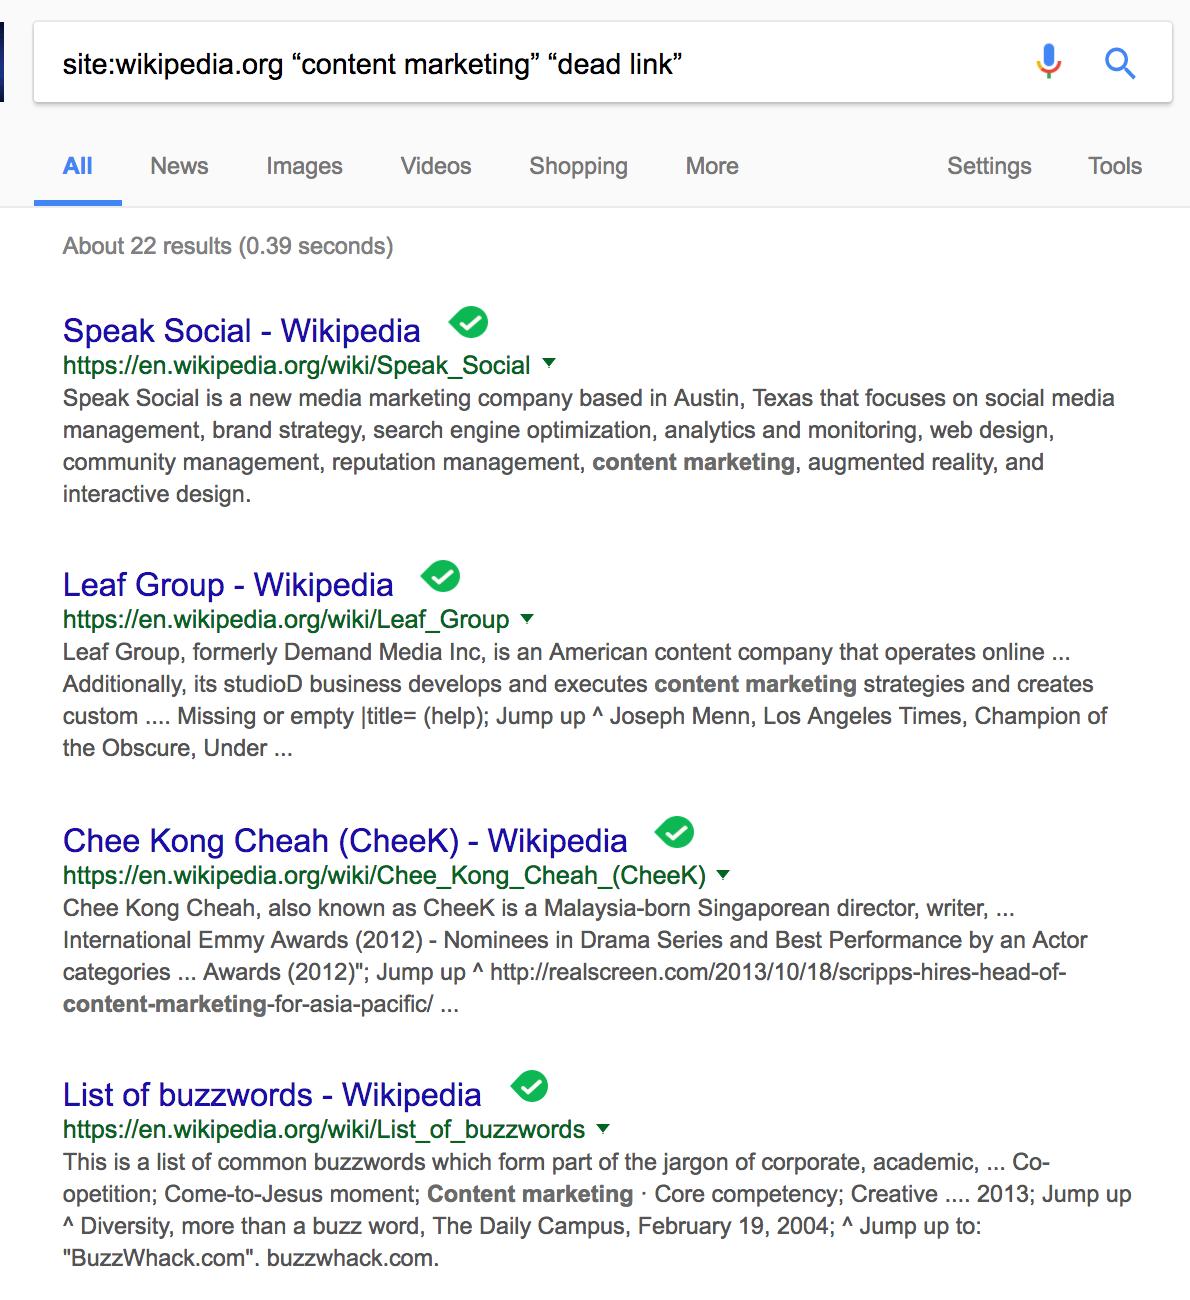 Использование поискового запроса